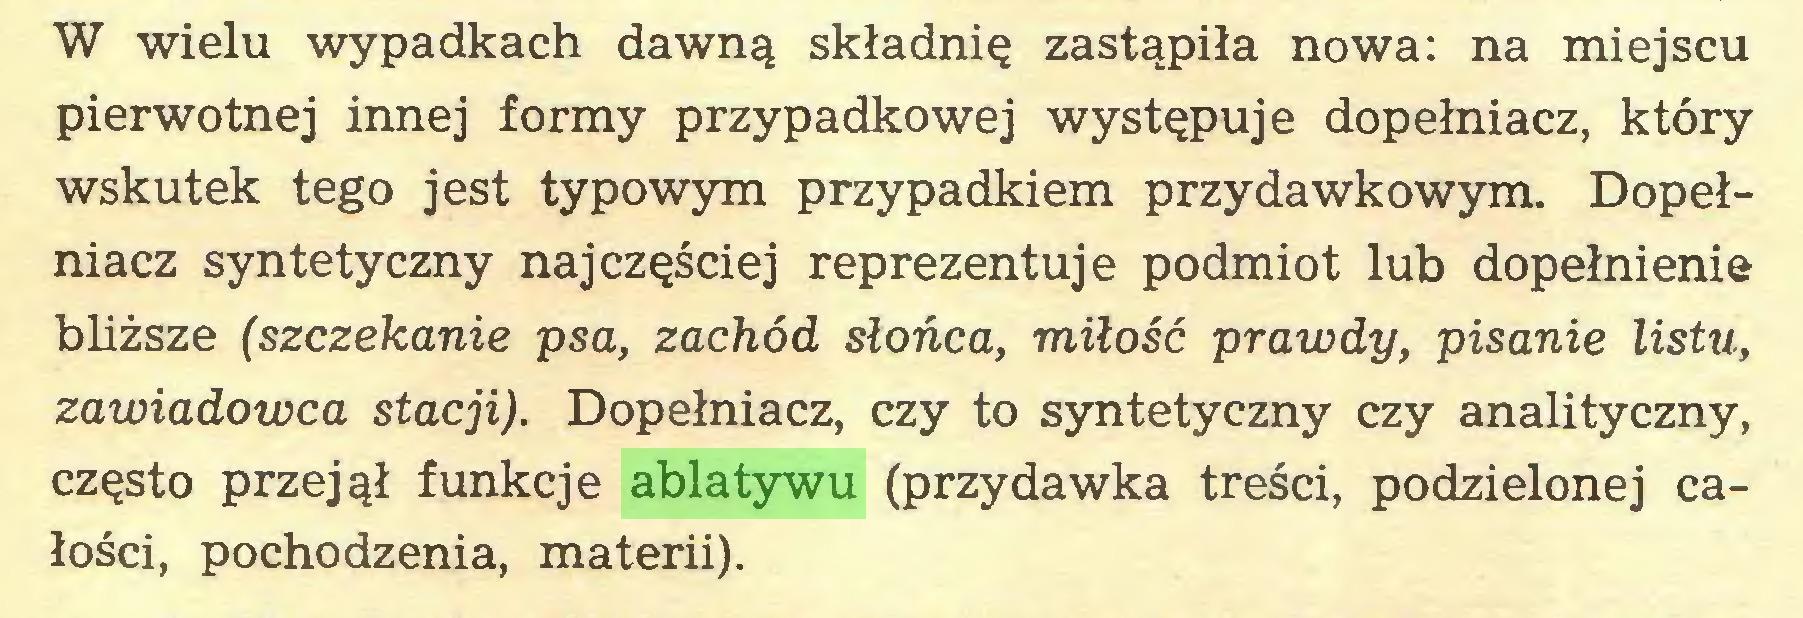 (...) W wielu wypadkach dawną składnię zastąpiła nowa: na miejscu pierwotnej innej formy przypadkowej występuje dopełniacz, który wskutek tego jest typowym przypadkiem przydawkowym. Dopełniacz syntetyczny najczęściej reprezentuje podmiot lub dopełnienie bliższe (szczekanie psa, zachód słońca, miłość prawdy, pisanie listu, zawiadowca stacji). Dopełniacz, czy to syntetyczny czy analityczny, często przejął funkcje ablatywu (przydawka treści, podzielonej całości, pochodzenia, materii)...